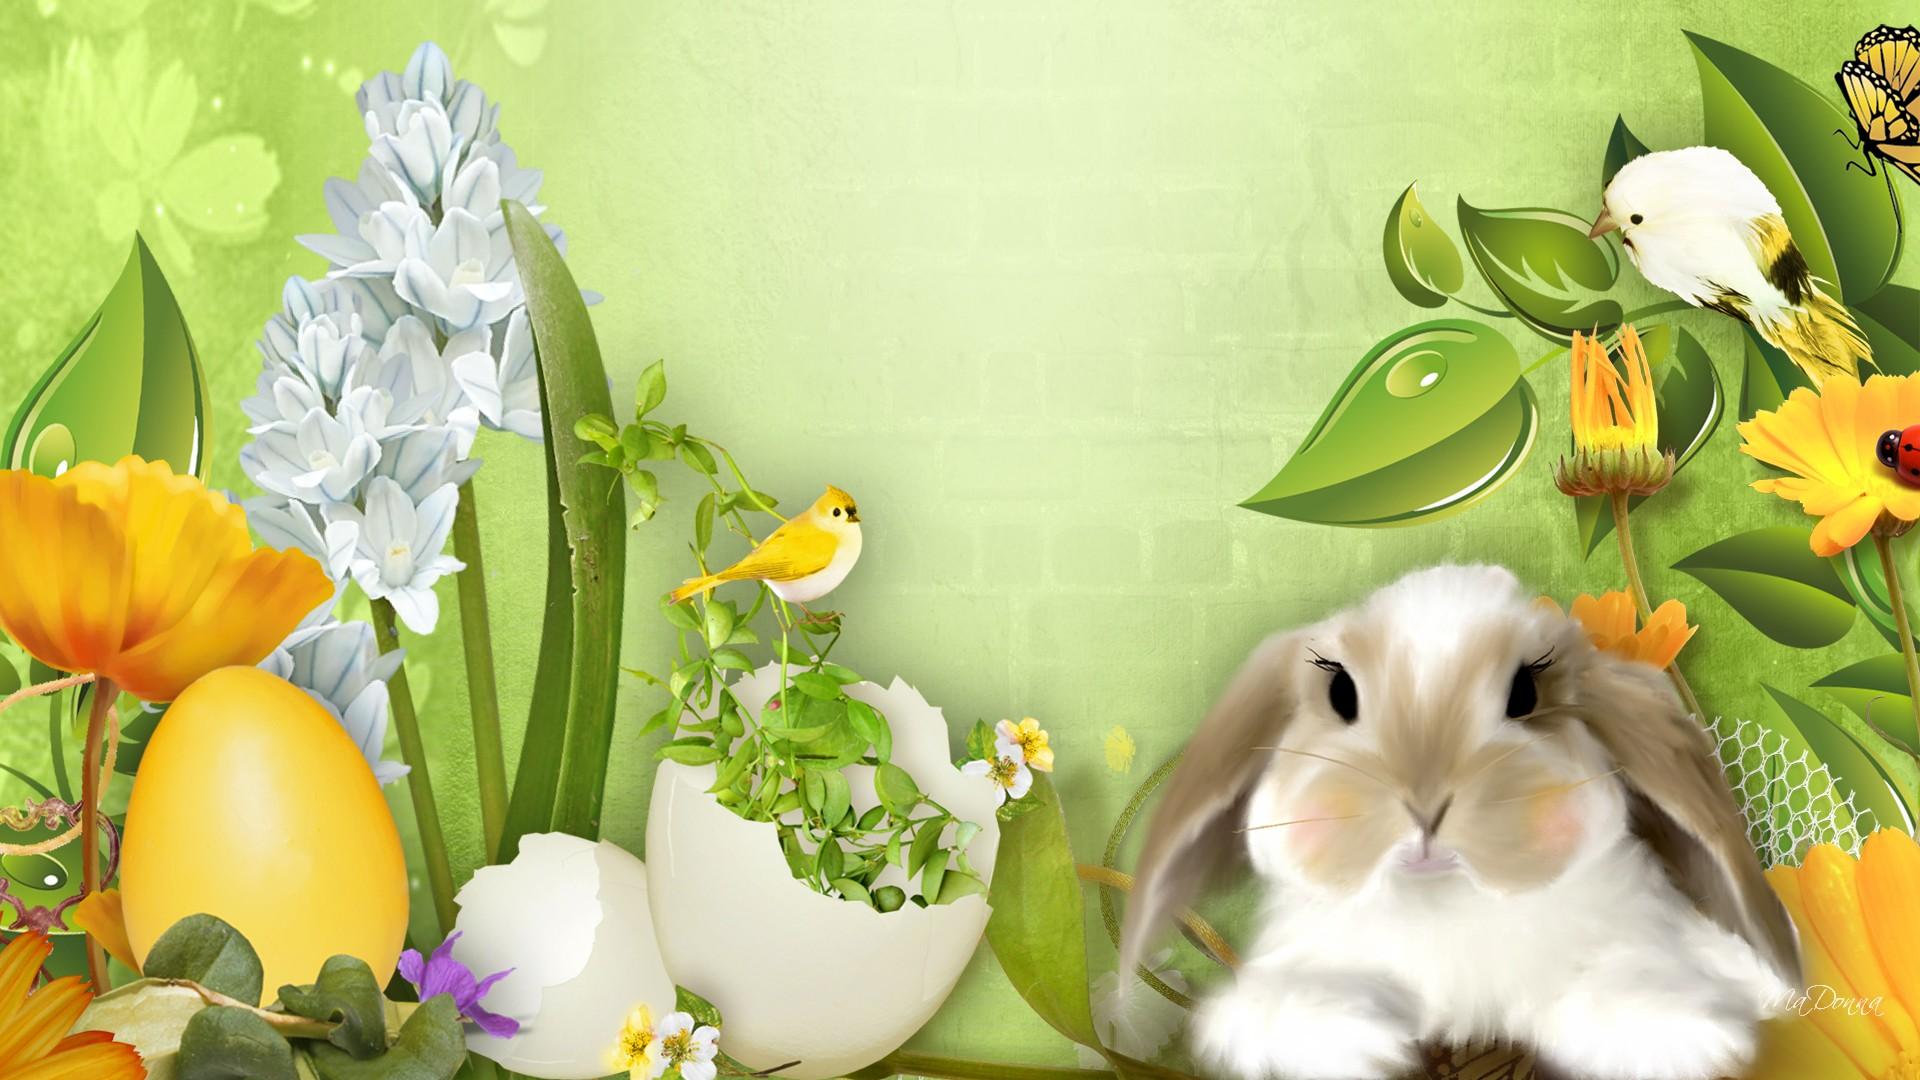 Easter Widescreen Wallpapers Free - WallpaperSafari